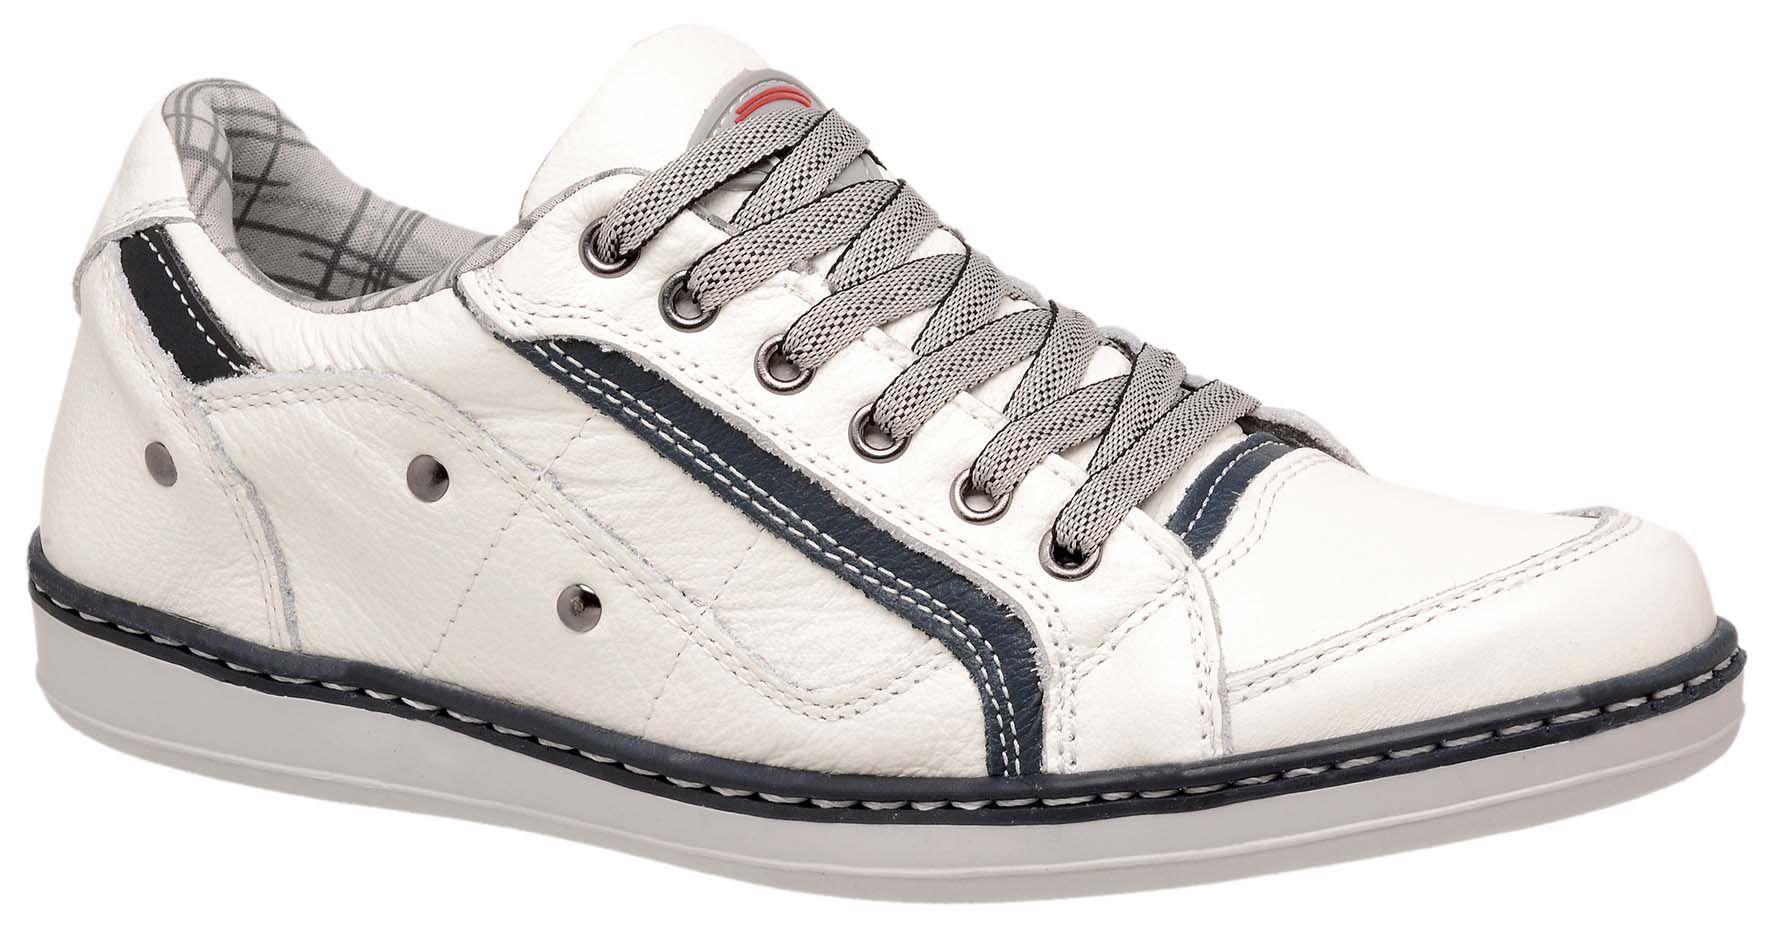 2f243b9c2 Sapatênis Casual Masculino Costurado Tchwm Shoes em Couro Legítimo - Bege